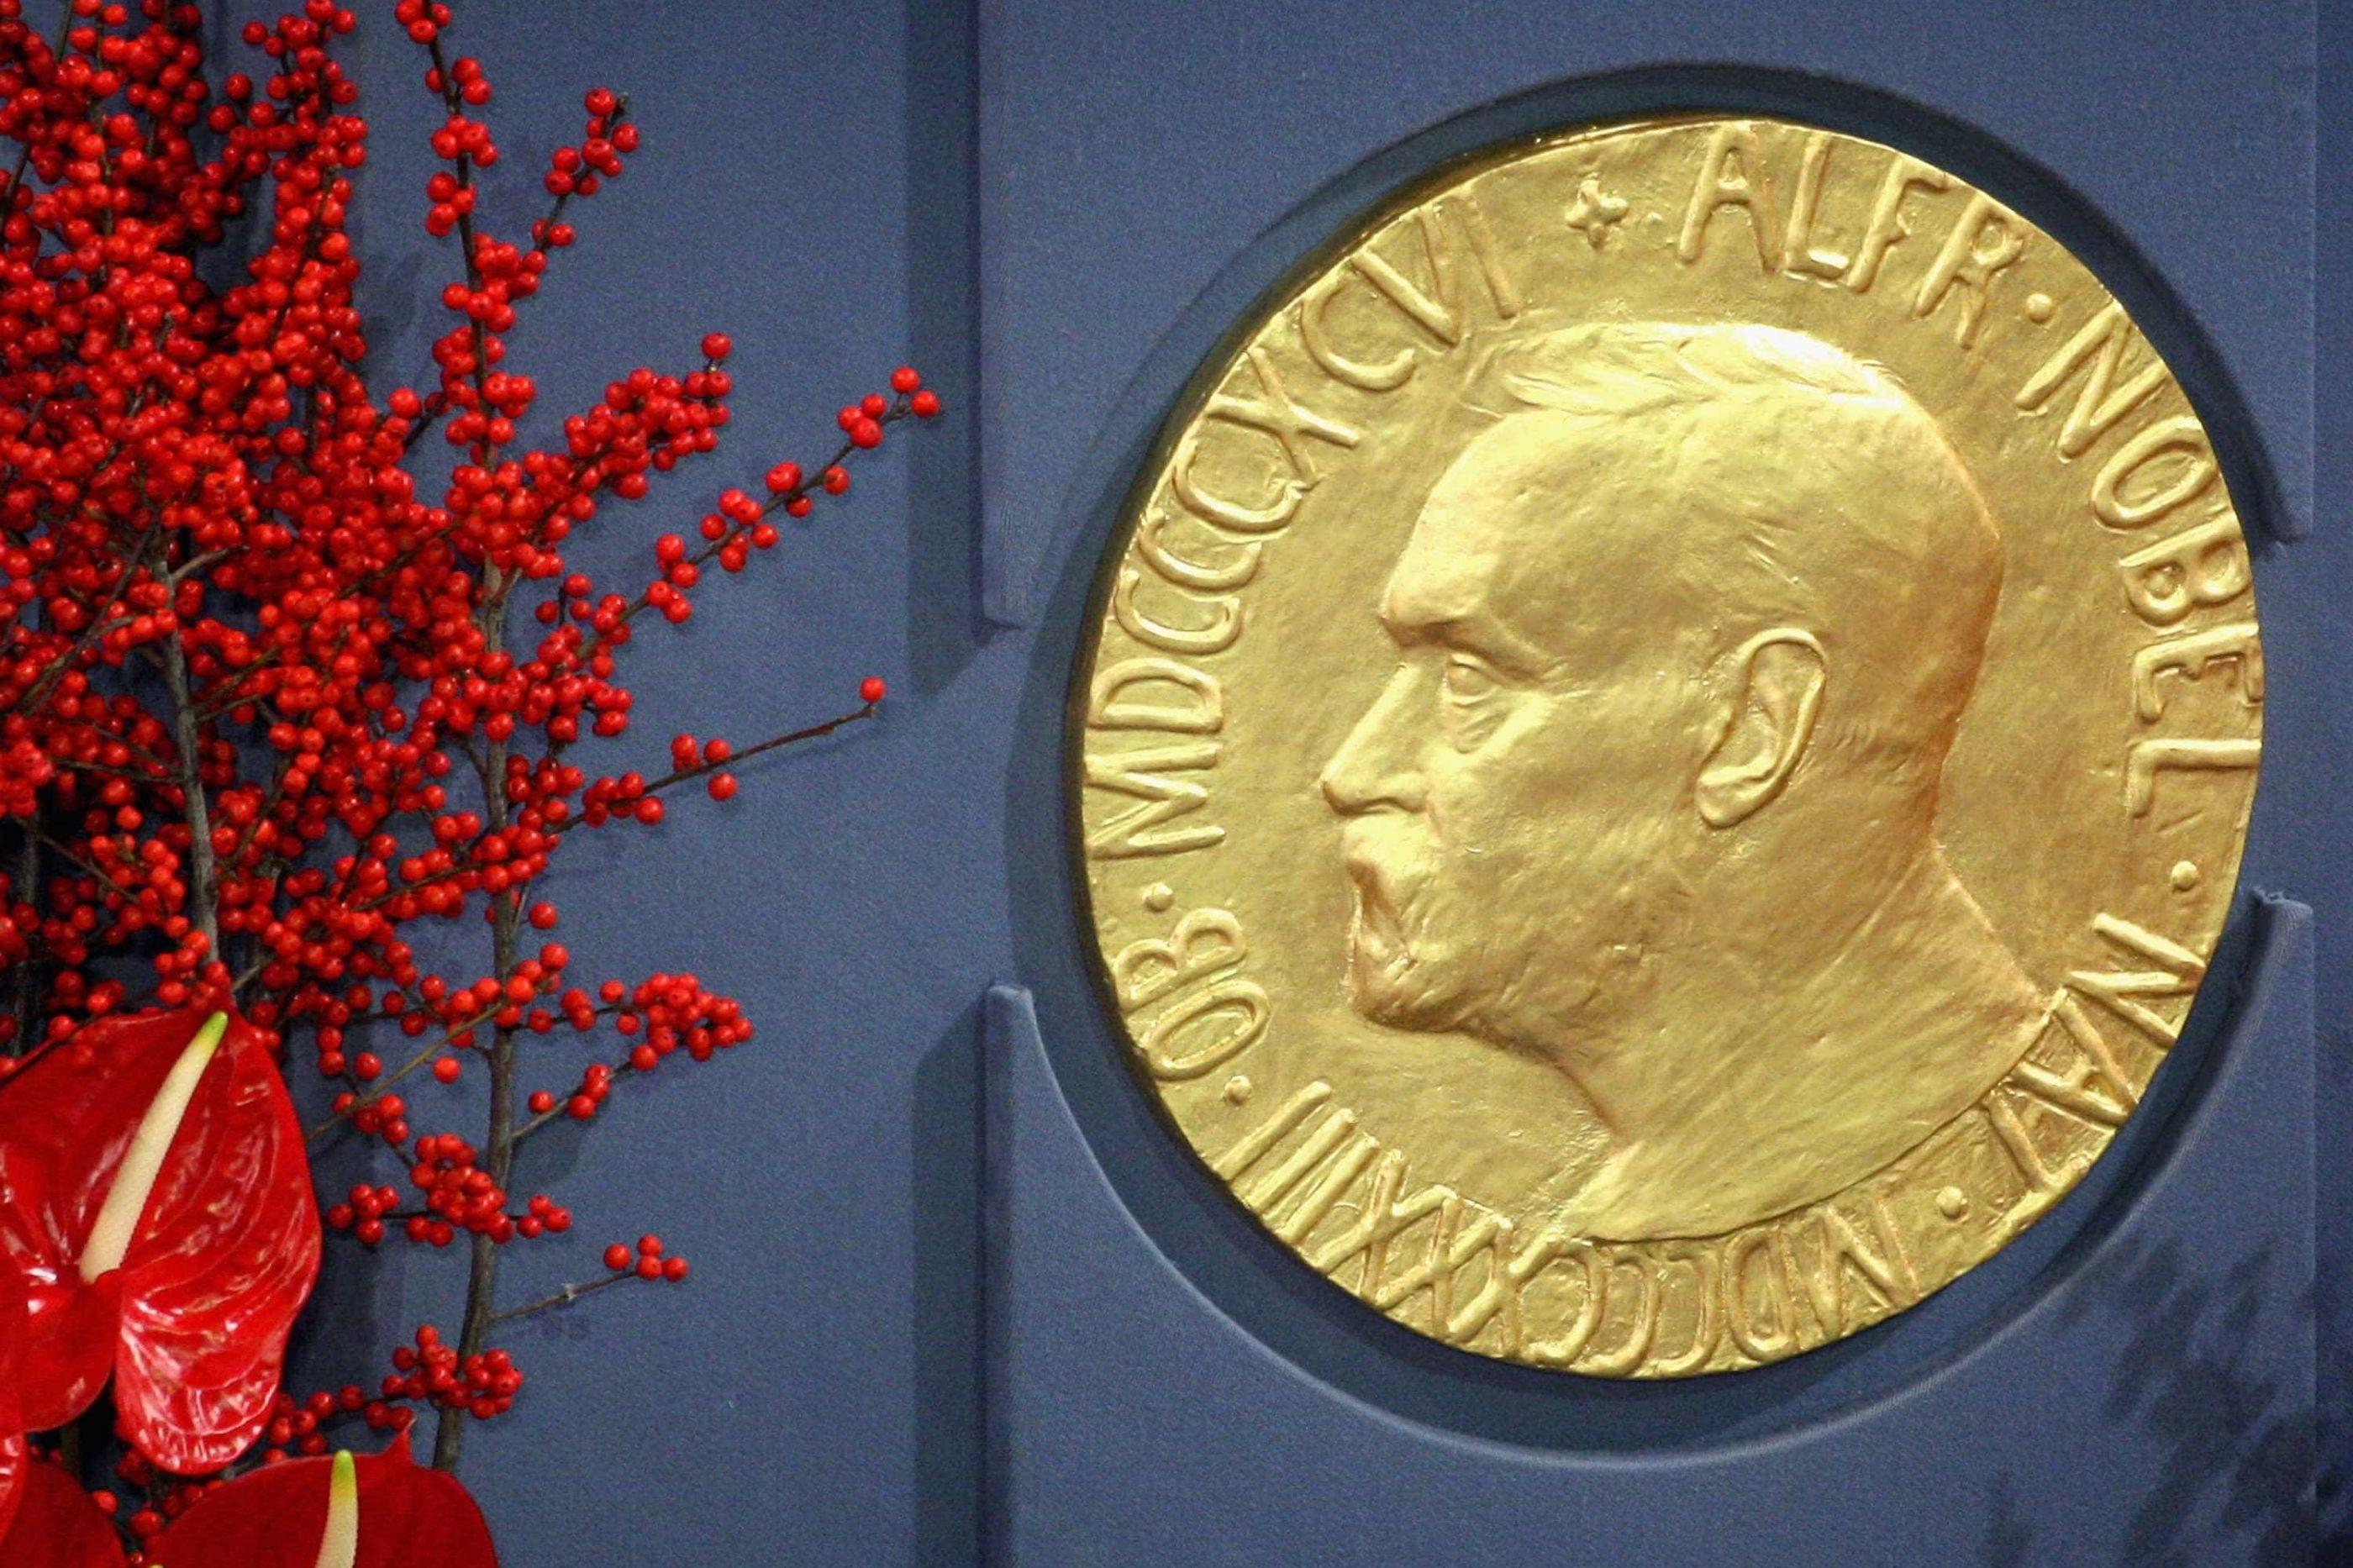 Prémios Nobel da Literatura para 2018 e 2019 serão entregues este ano